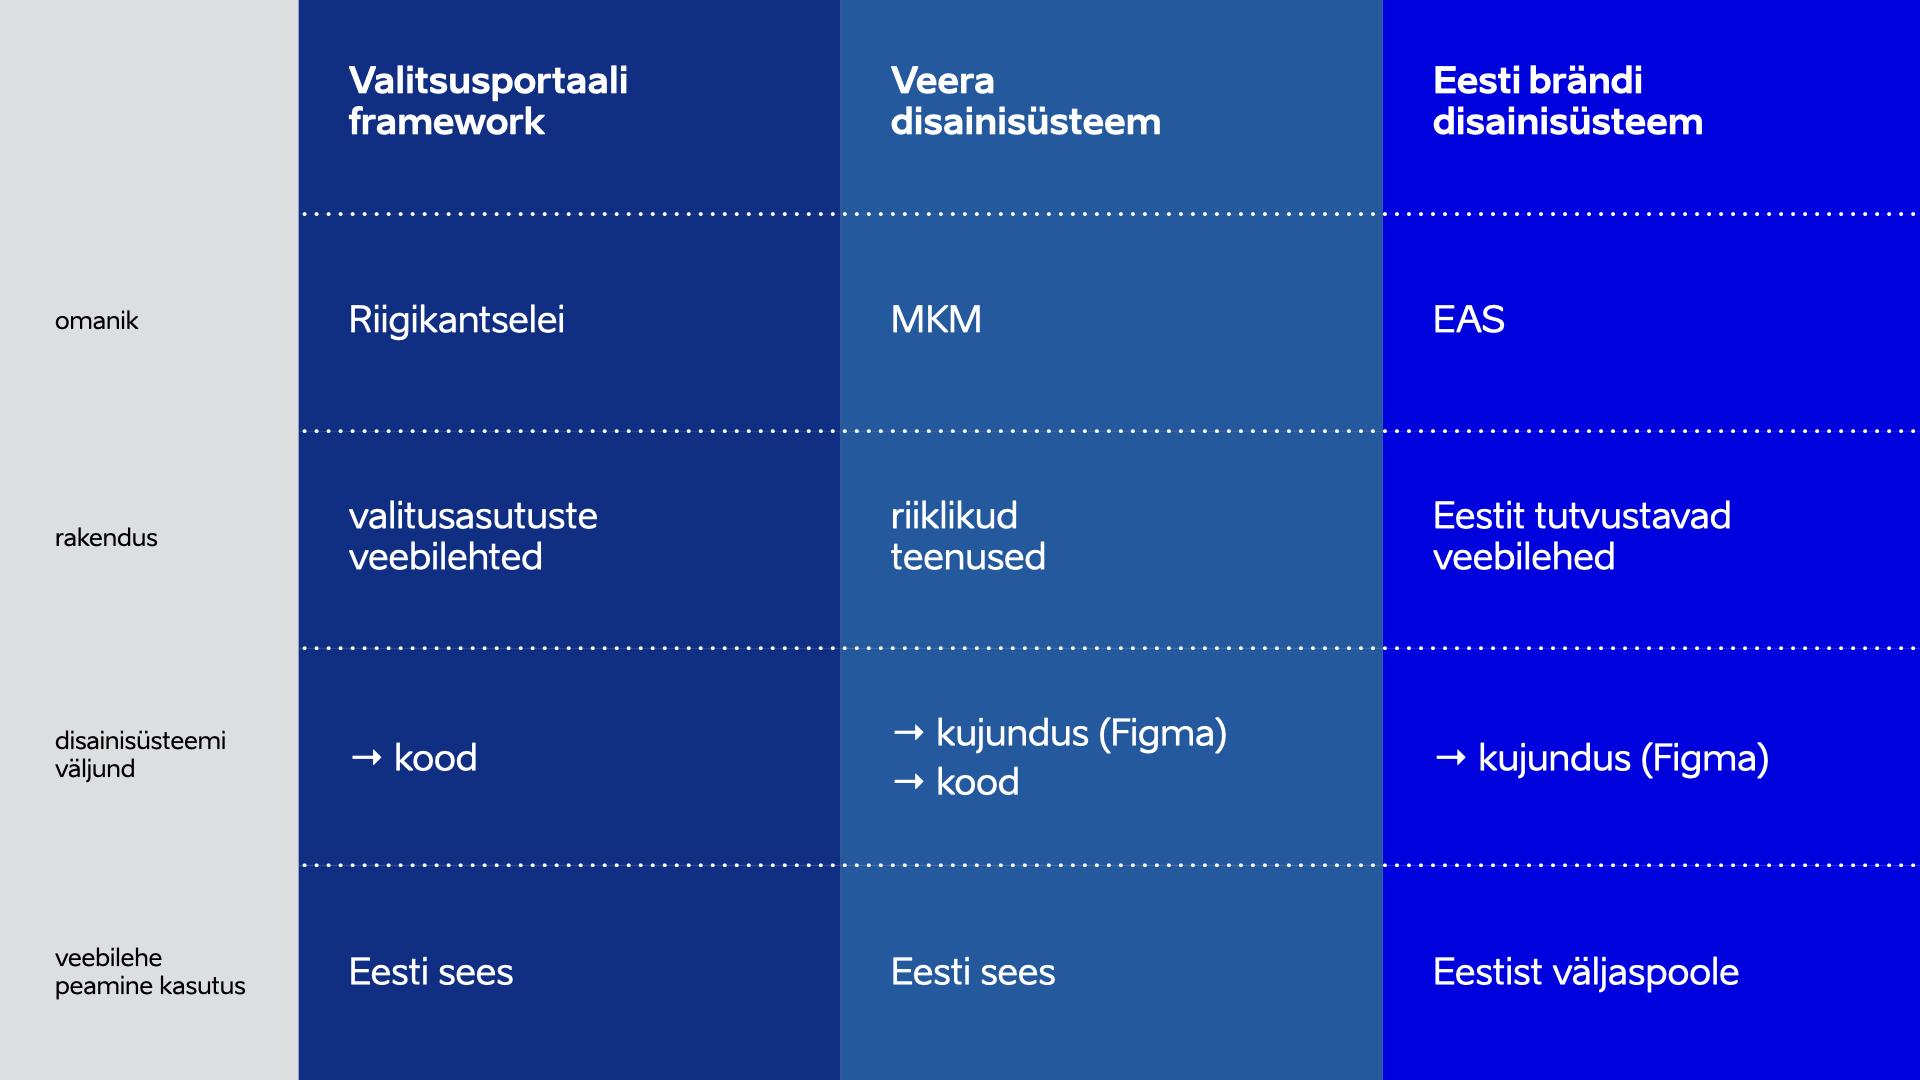 Eesti avaliku sektori disainisüsteemid